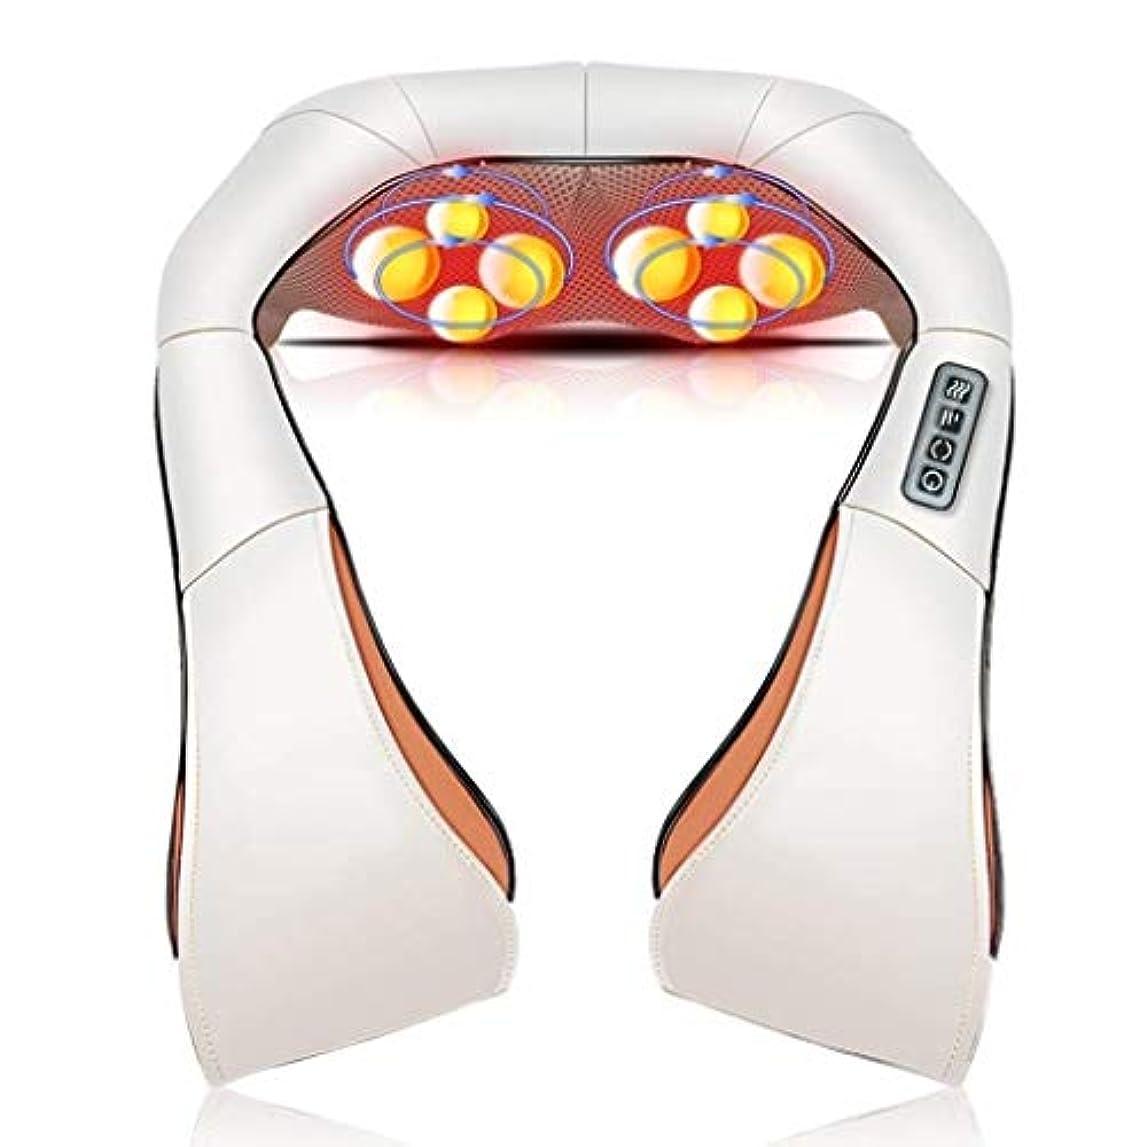 留め金キュービック代理人電動ネックマッサージ、多機能加熱/振動マッサージ、調節可能な筋力、背中、肩、足、足、痛みの緩和に適しています